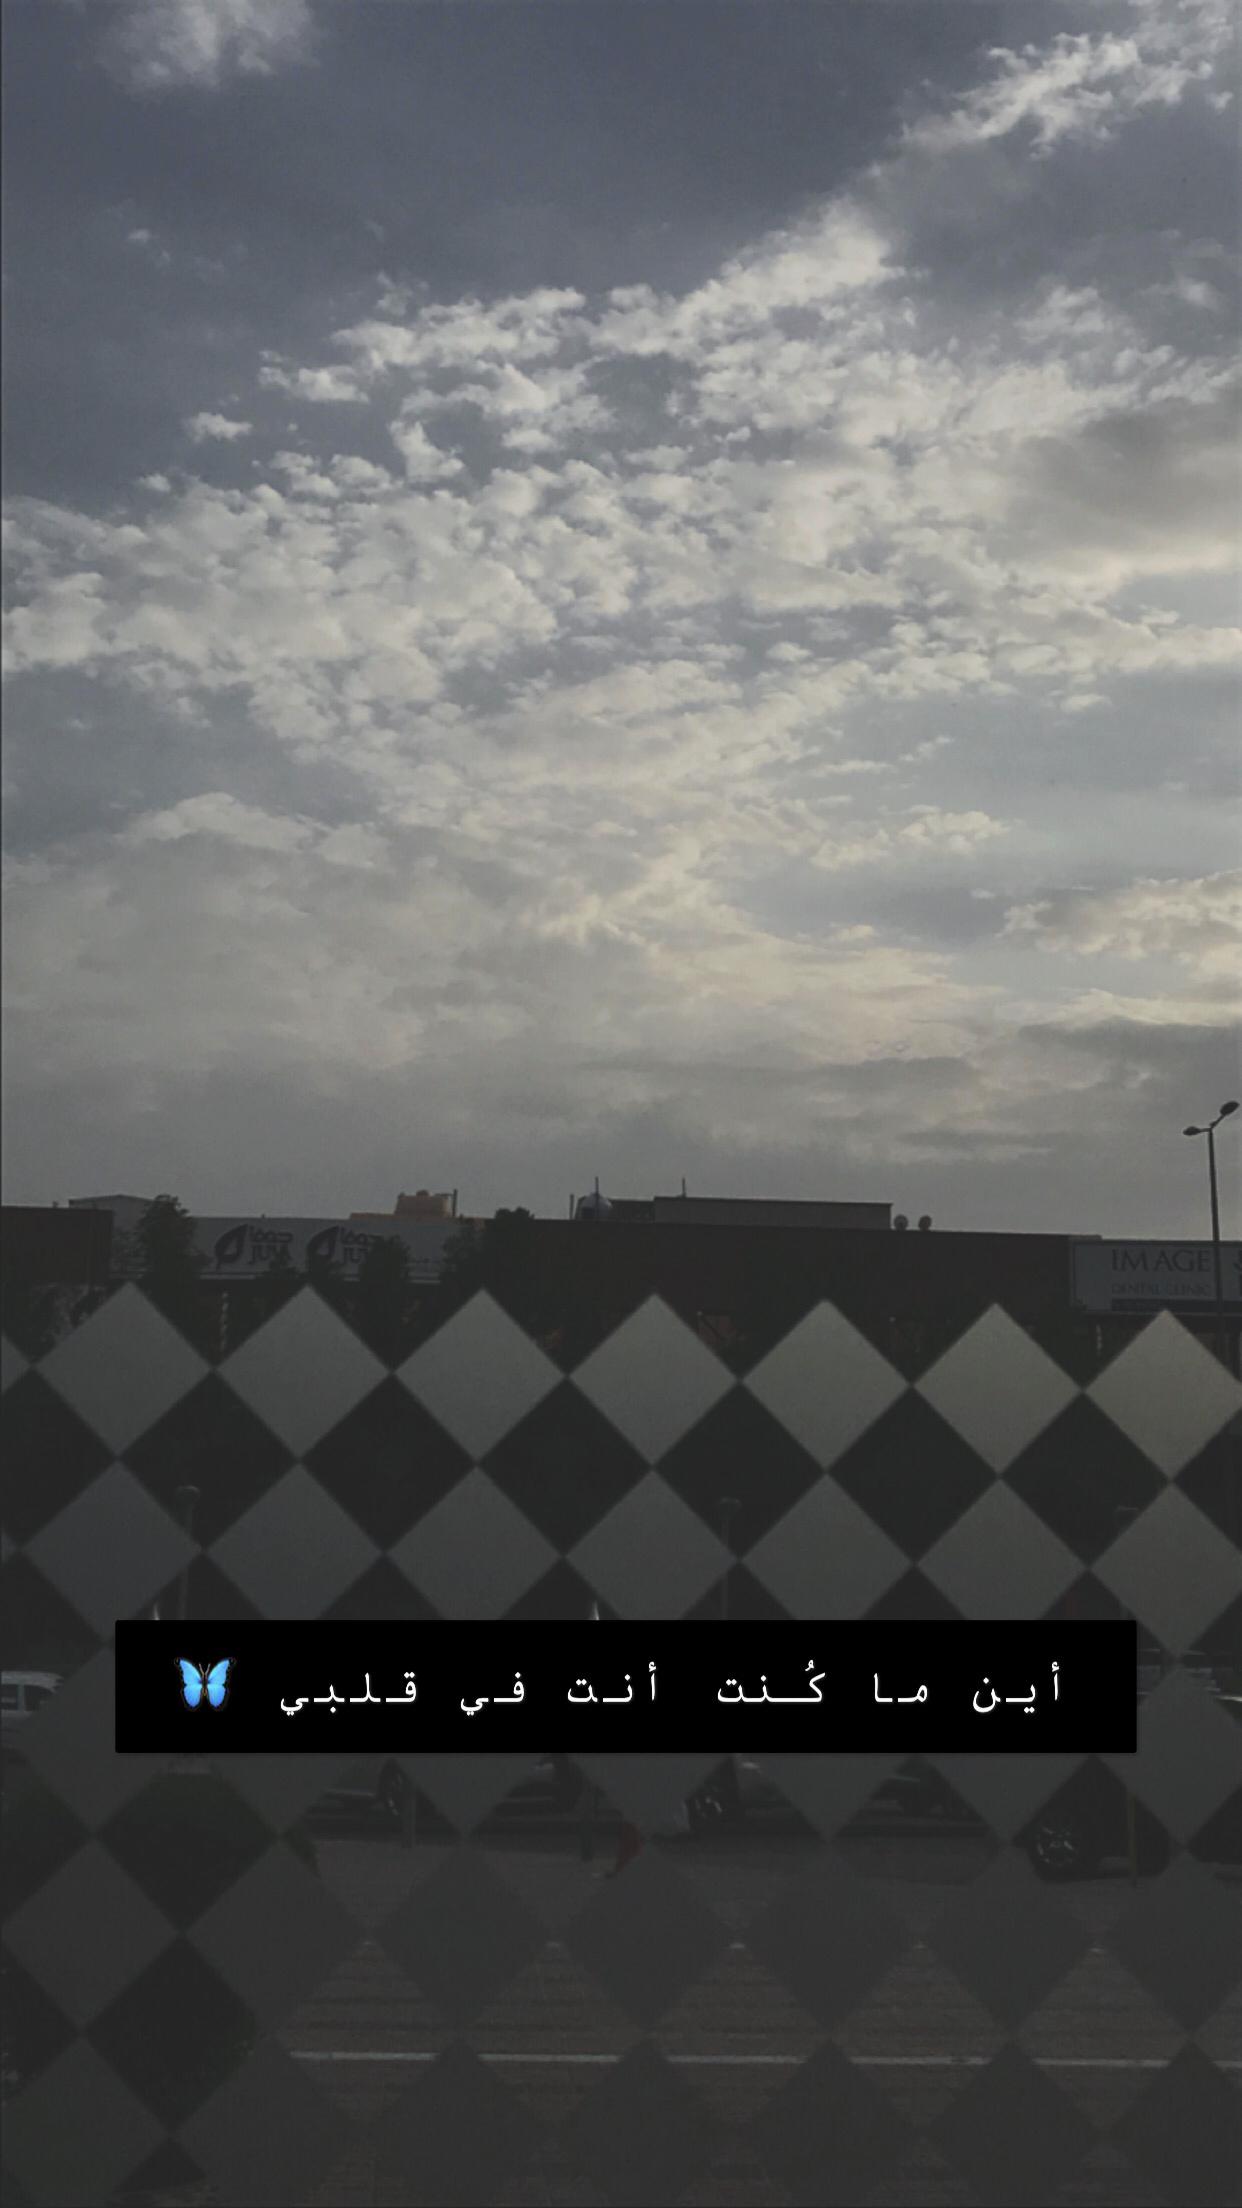 همسة أين ما ك نت أنت في قلبي تصويري تصويري سناب تصميمي تصميم تصميمي سناب كوفي الرياض Love Husband Quotes Love Song Quotes Arabic Quotes